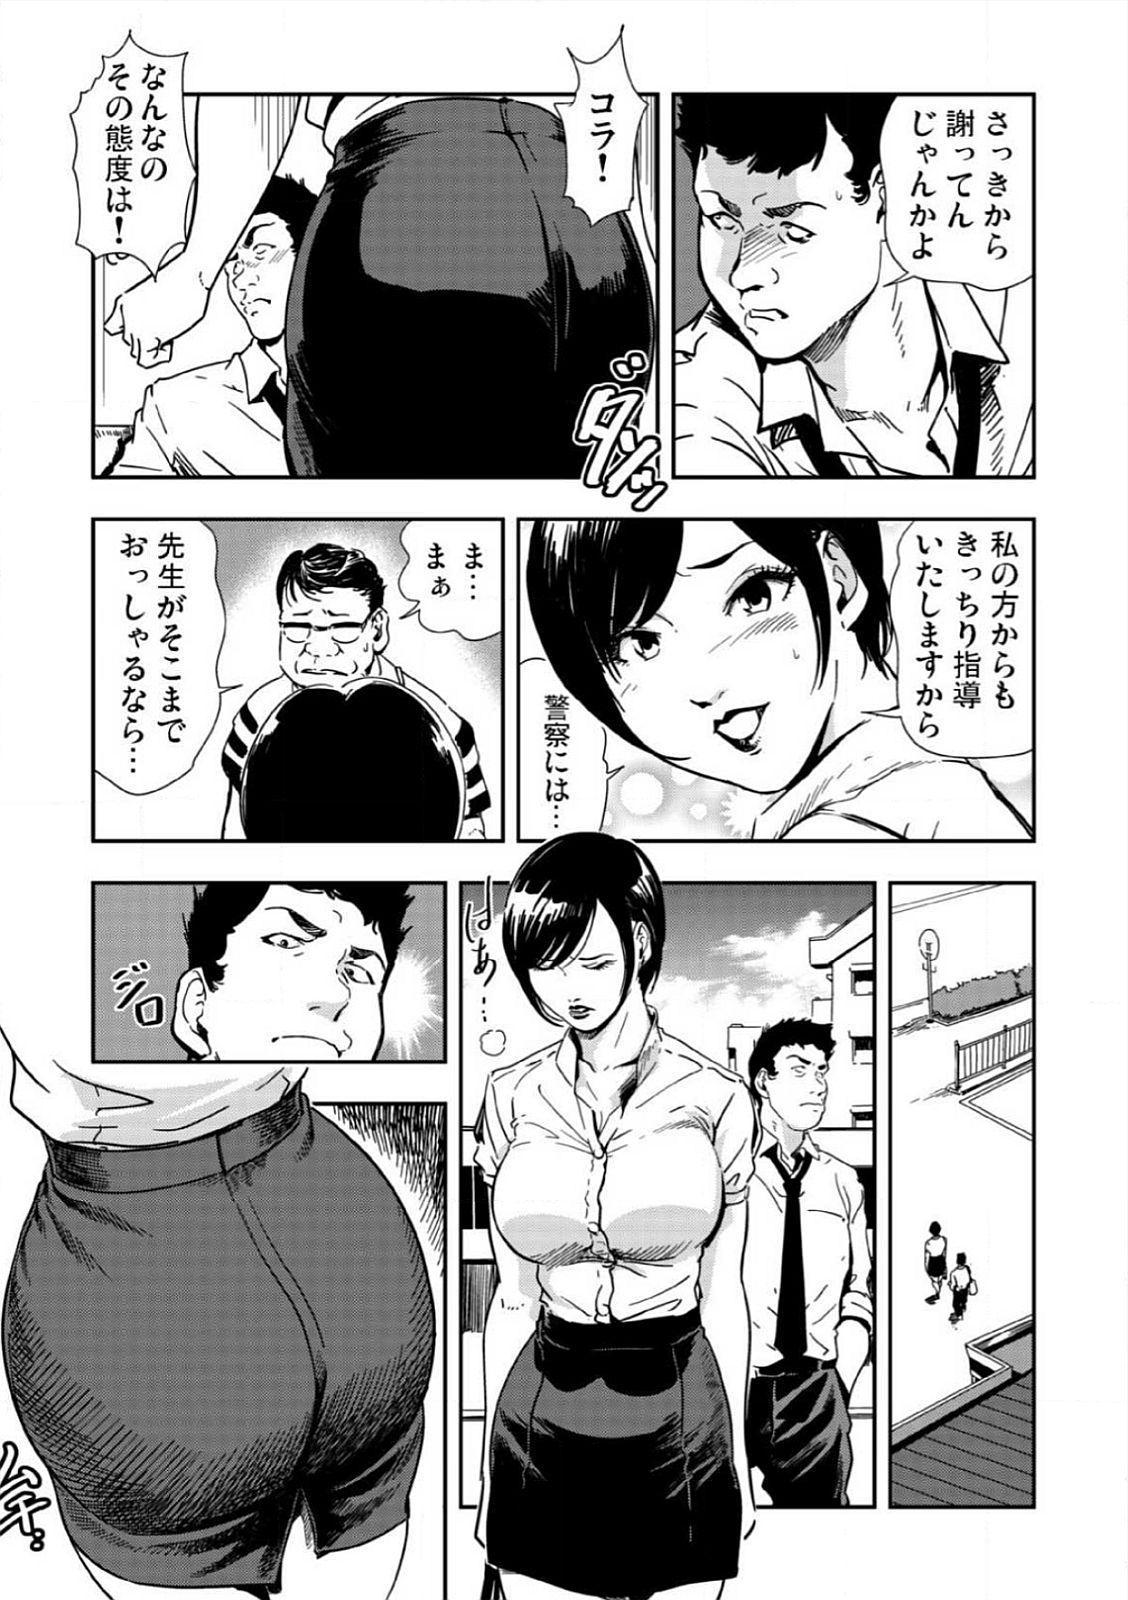 [Misaki Yukihiro] Kyousei Shidou ~Mechakucha ni Kegasarete~ (1)~(6) [Digital] 134